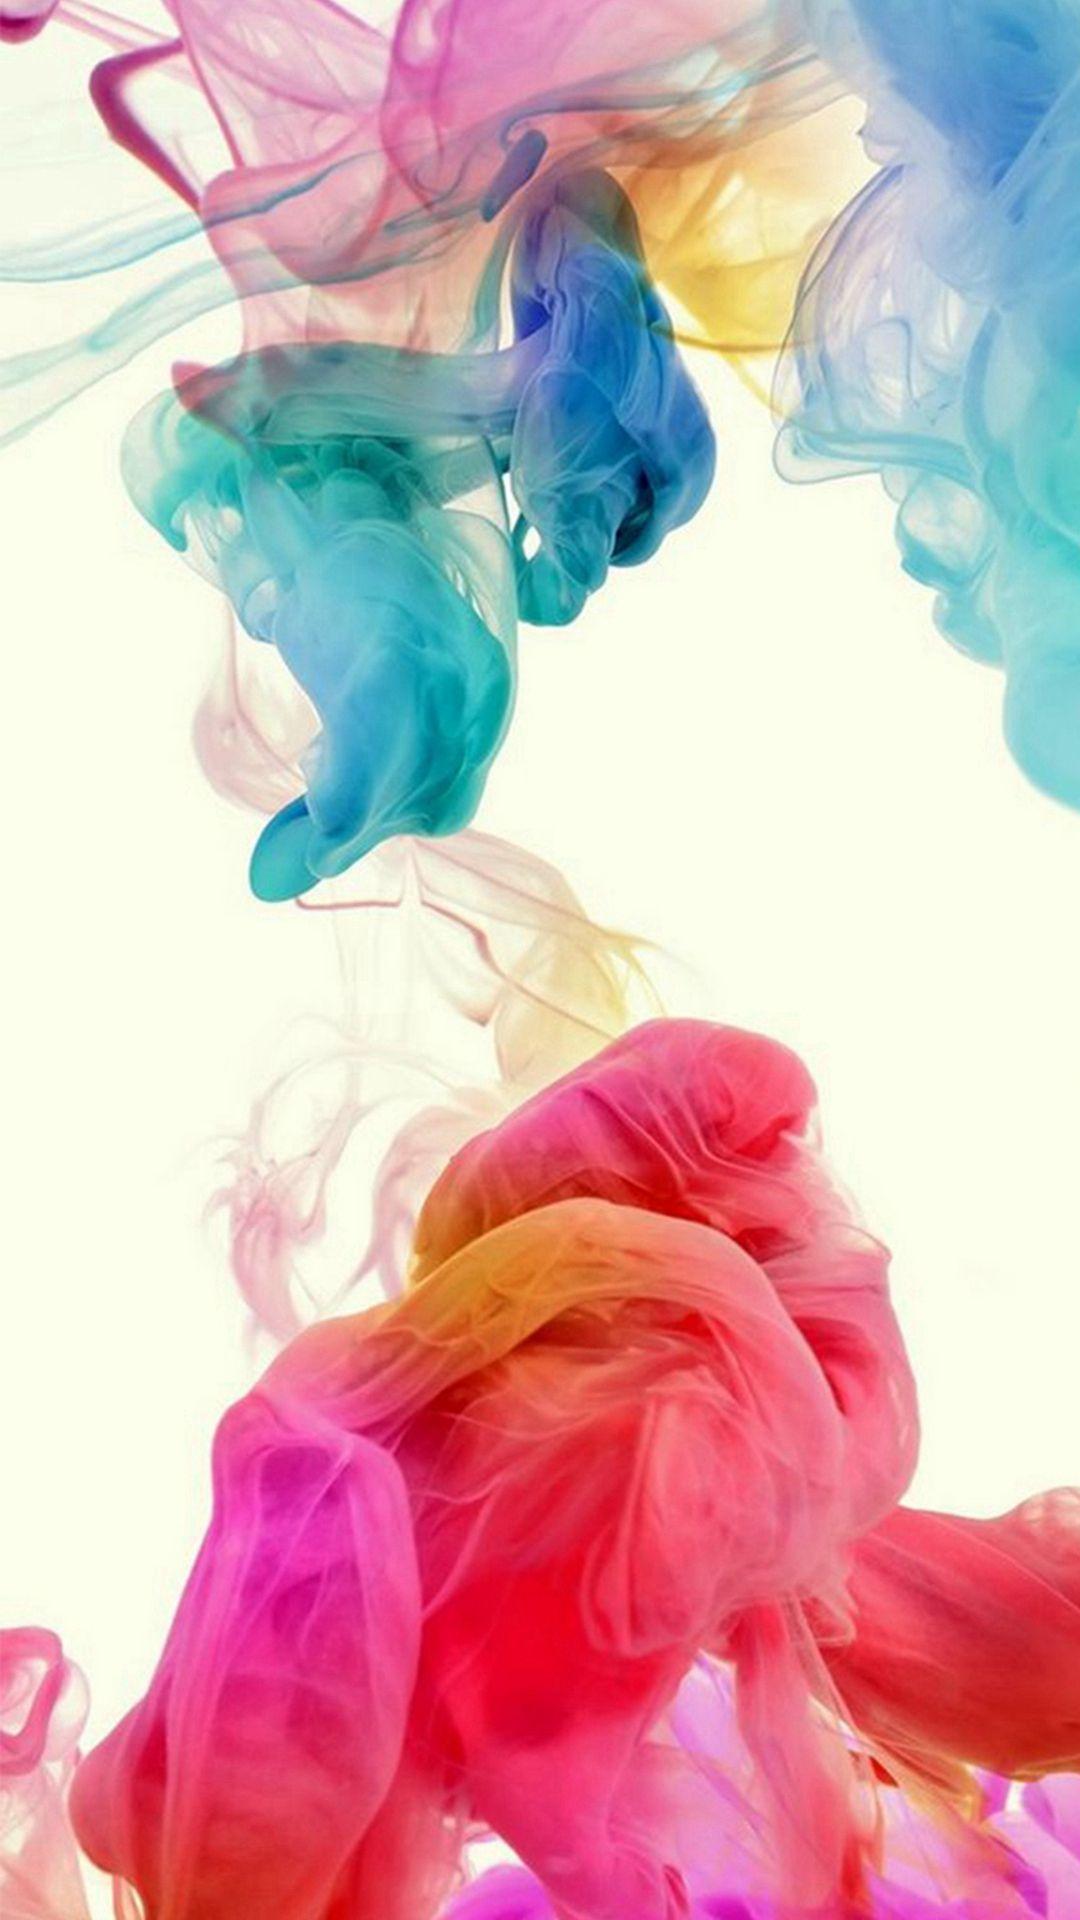 Most Inspiring Wallpaper Cell Phone Colorful - 64da9839890a1dff931719d7c1308c4d  Snapshot_553675 .jpg